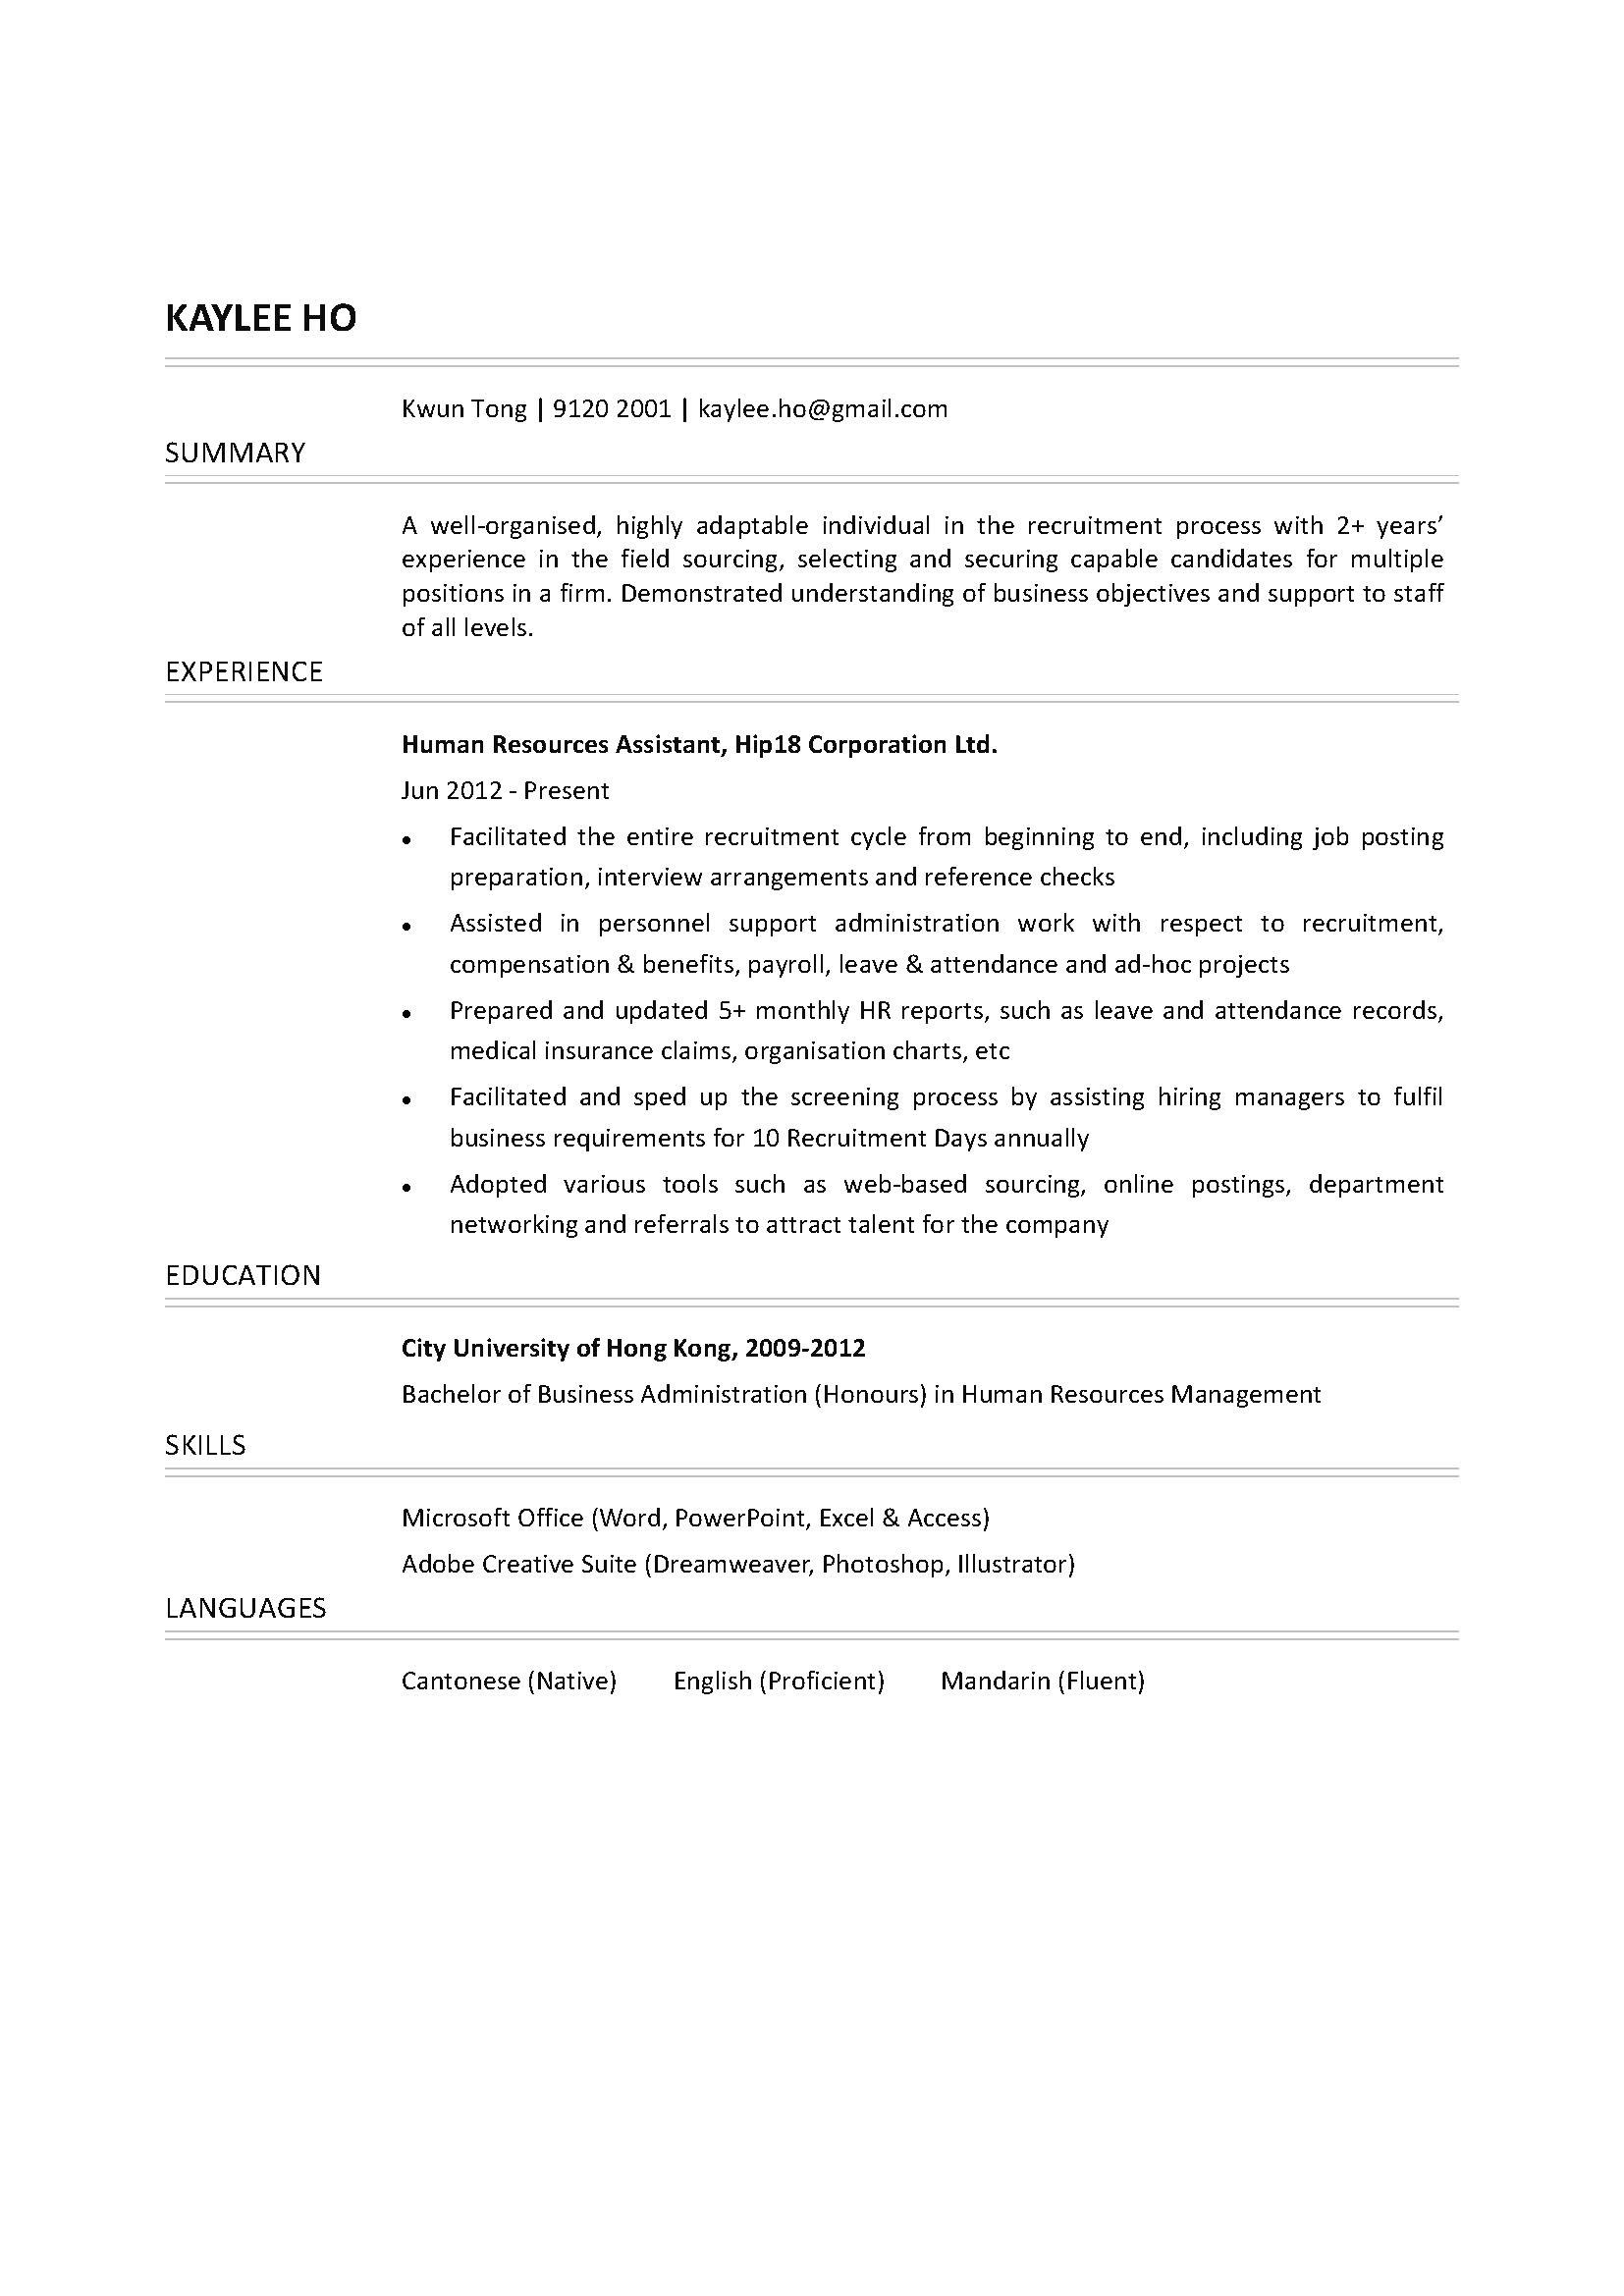 Human Resources Resume 15828 1 human resources resume|wikiresume.com